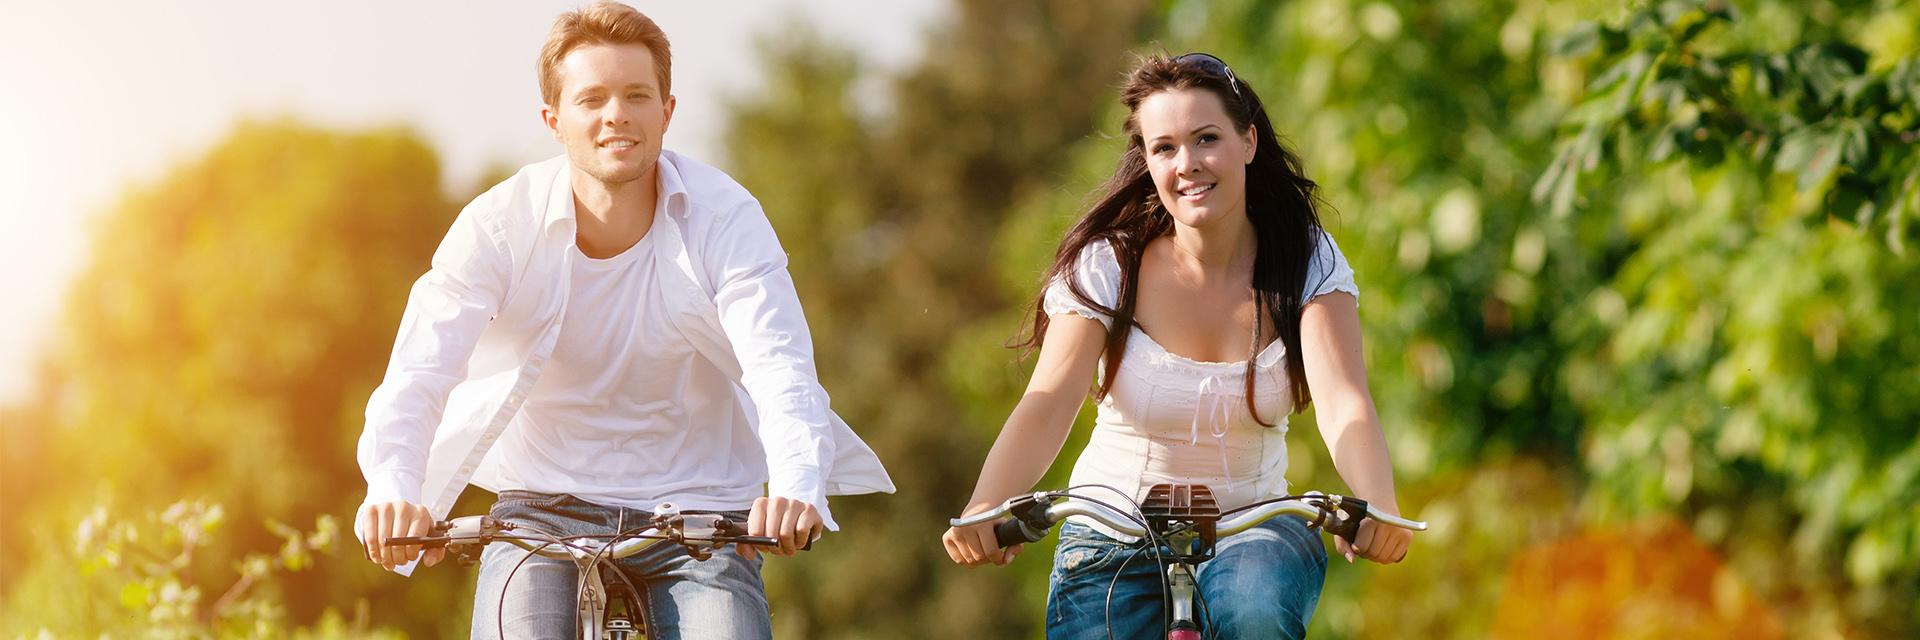 Village_club_vacances_pyrenees-les-lambrilles-velo-couple